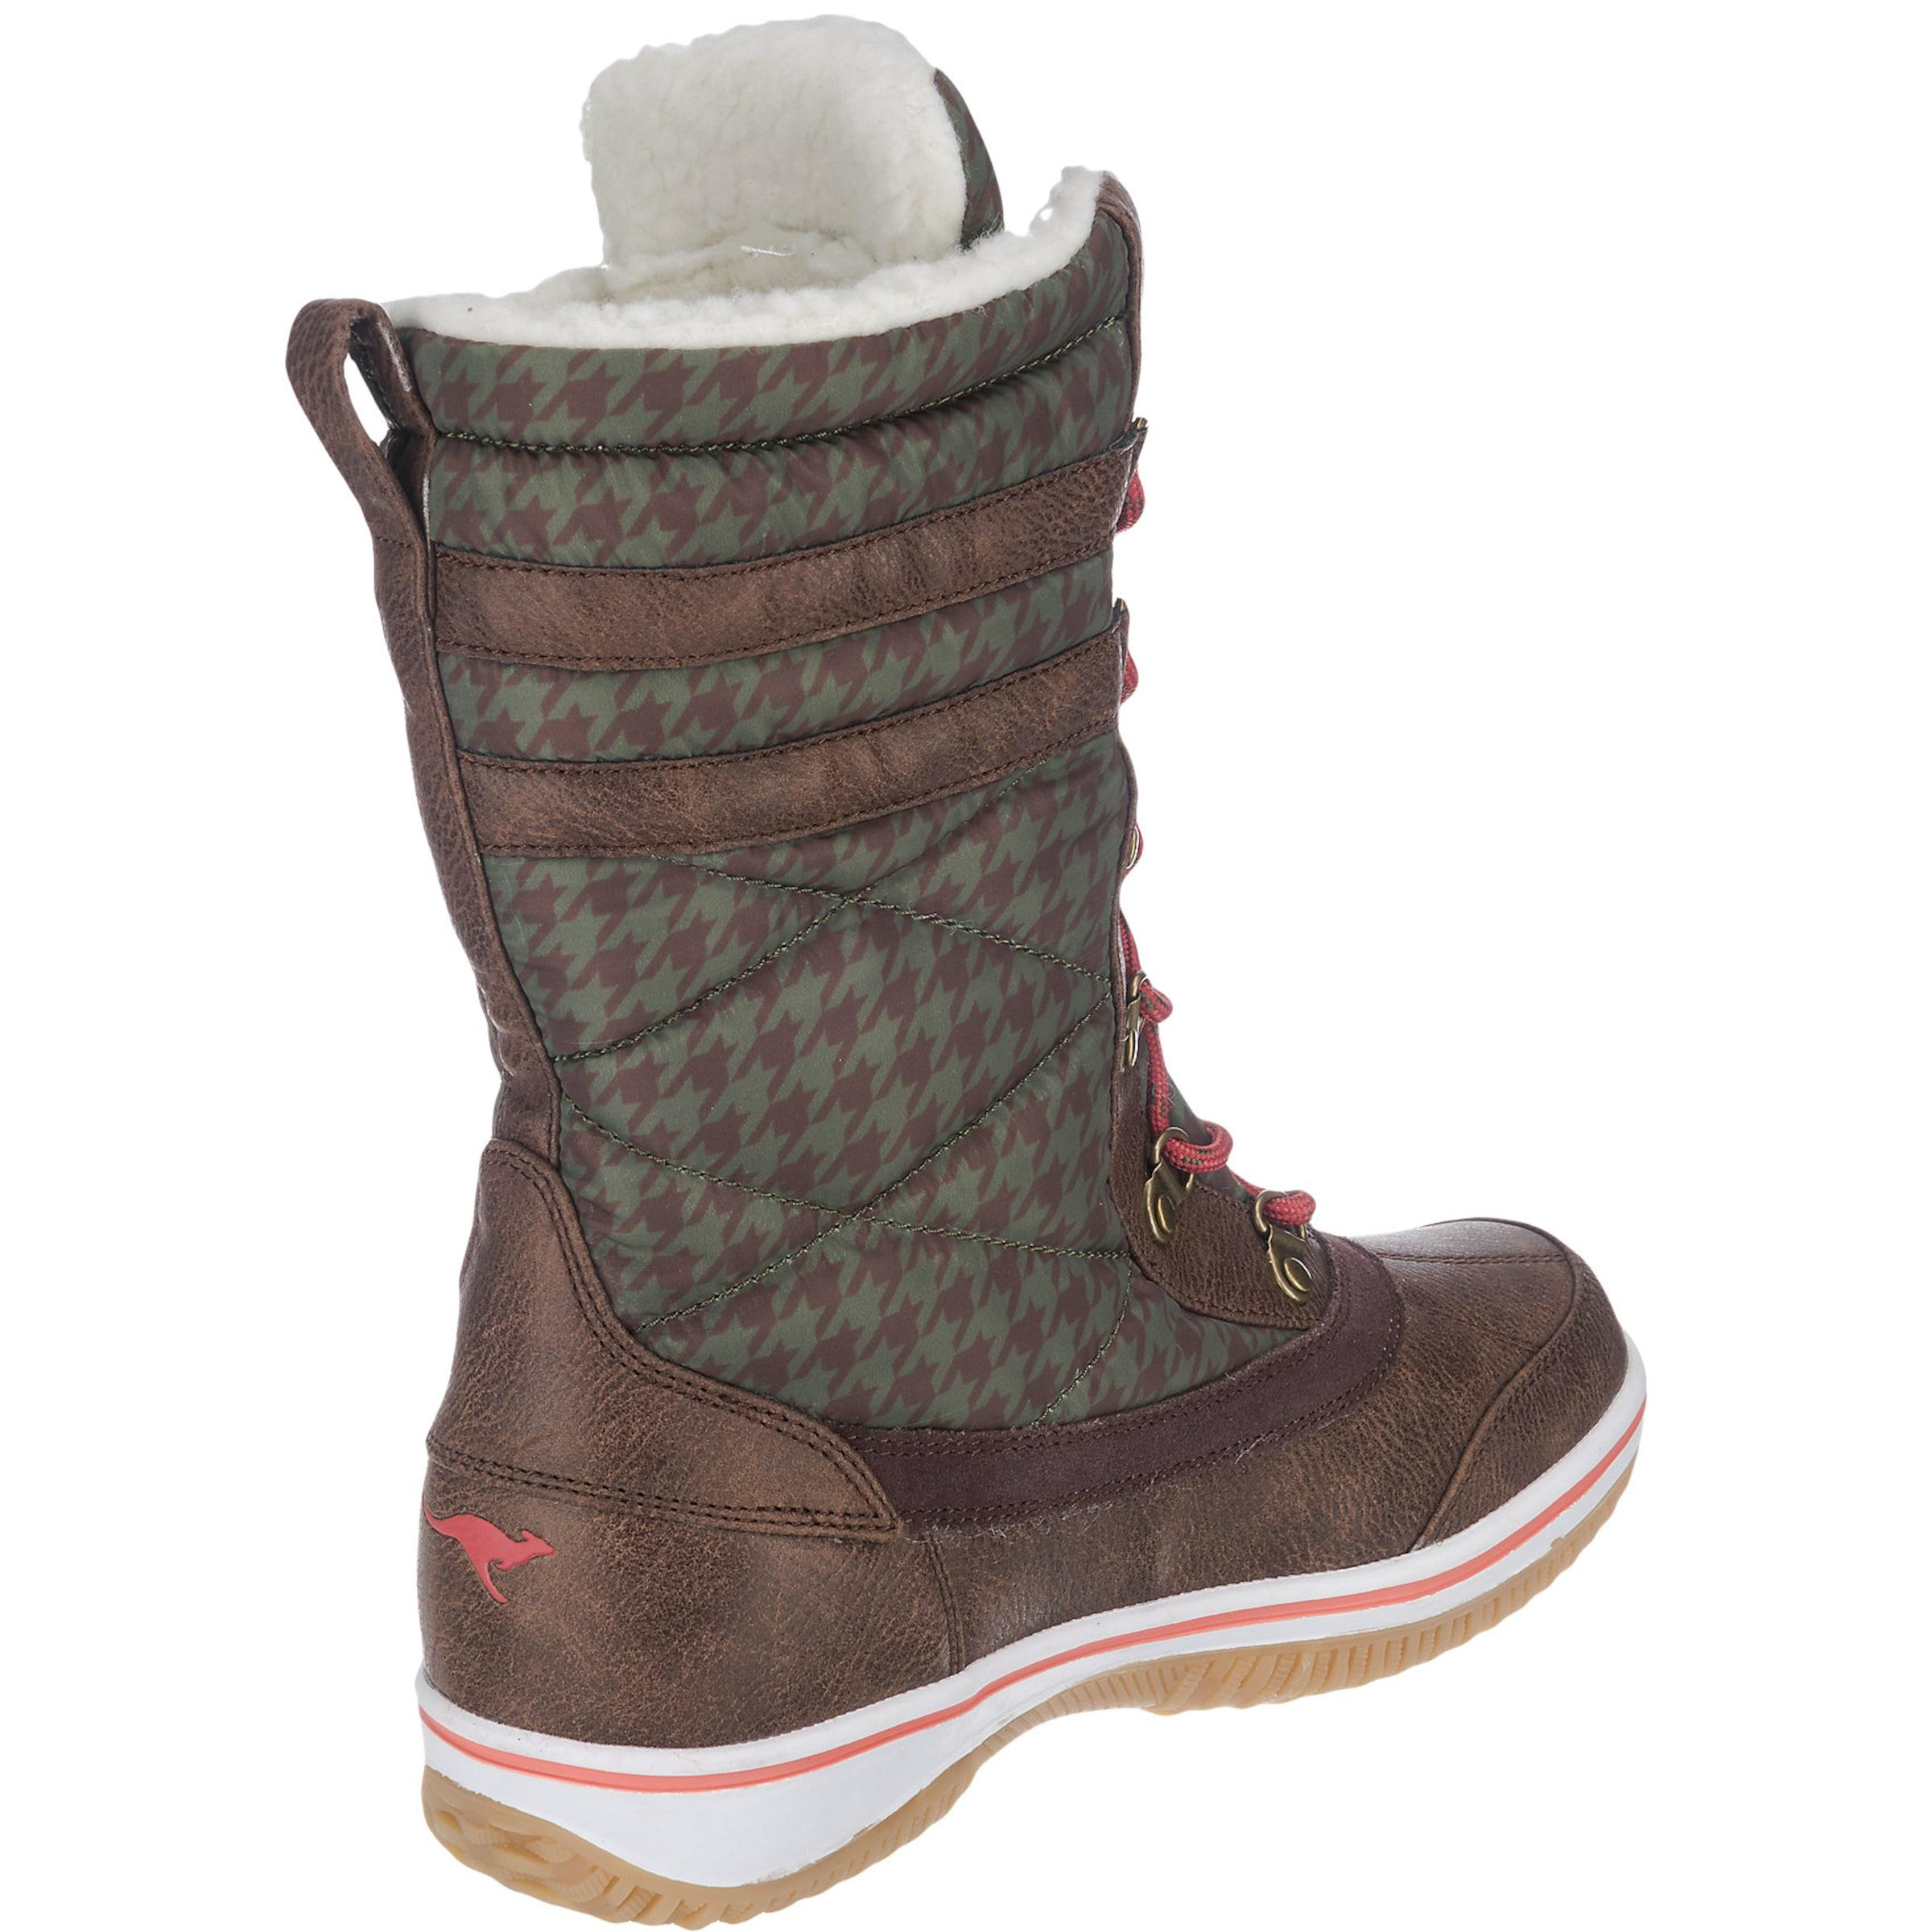 KangaROOS Stiefel 'Rivaska' Rabatt Aus Deutschland Billige Sneakernews Günstigste Preis Verkauf Online Günstiger Preis Vorbestellung Spielraum 2018 7uxoPr